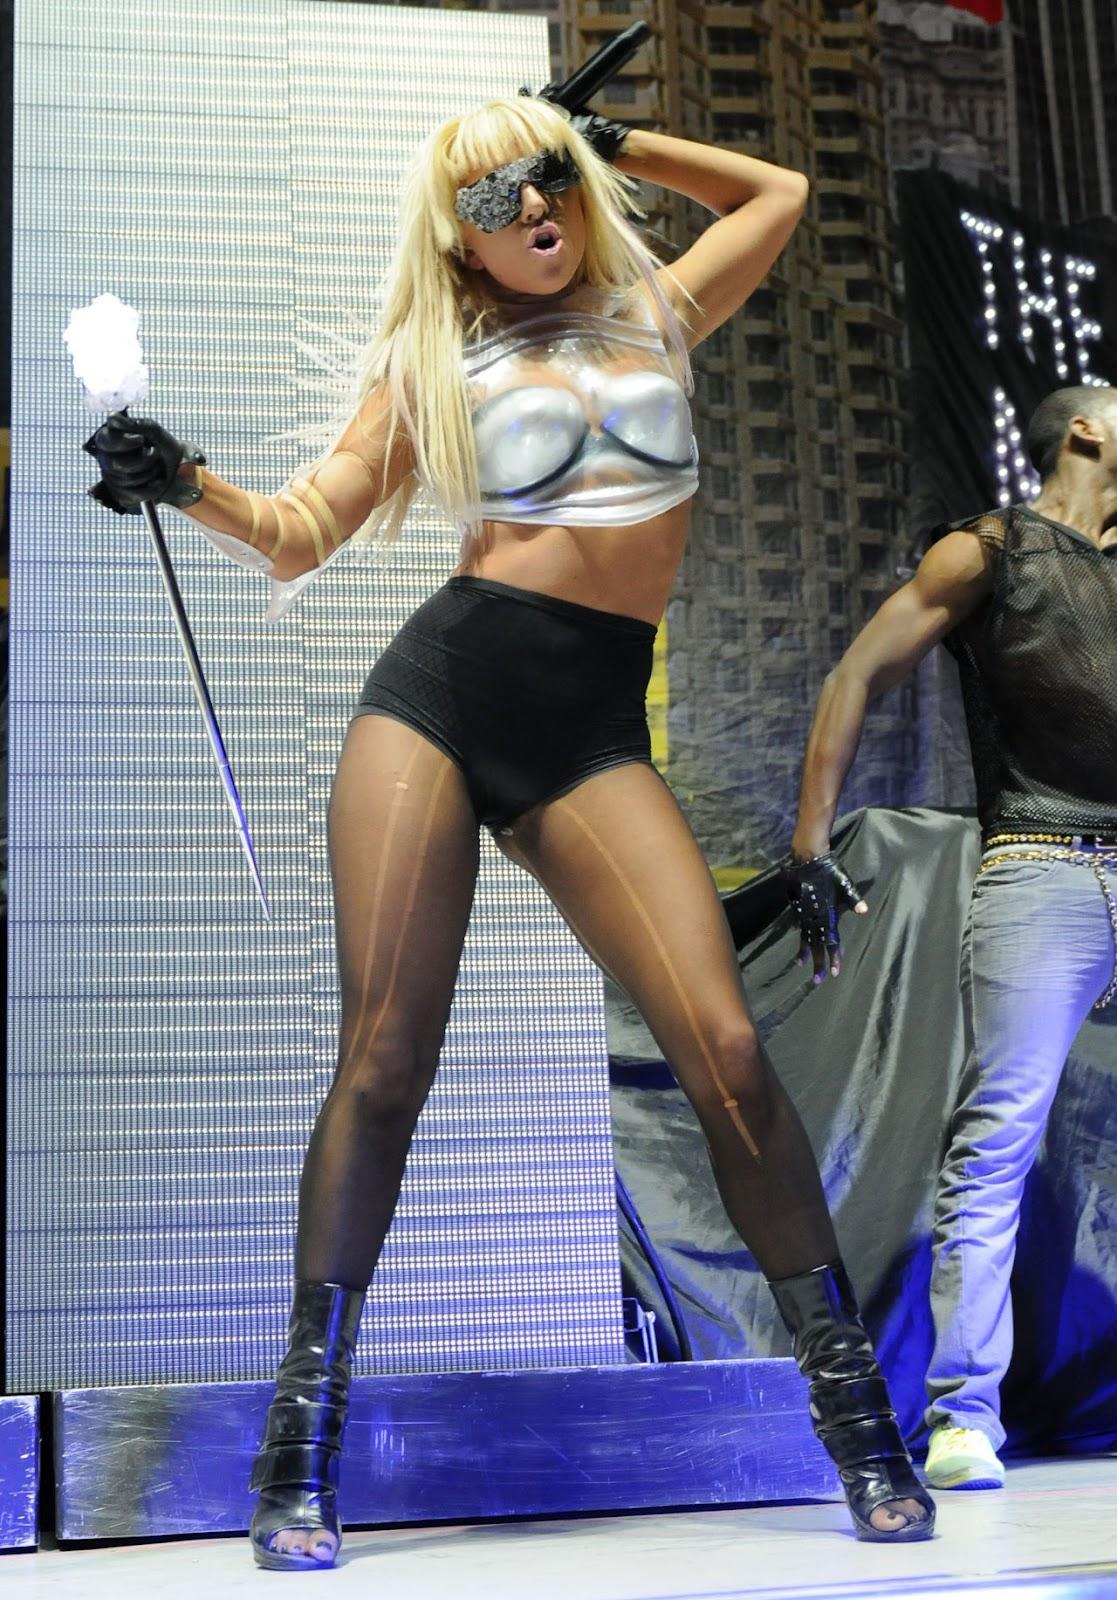 http://1.bp.blogspot.com/-Z298BQTatbA/UBVv5NE7clI/AAAAAAAAAa8/5pT3urgjx8w/s1600/Lady+Gaga+Phenomenon-top-celebrity2011.blogspot.com-Lady-GaGa--1230489.jpg